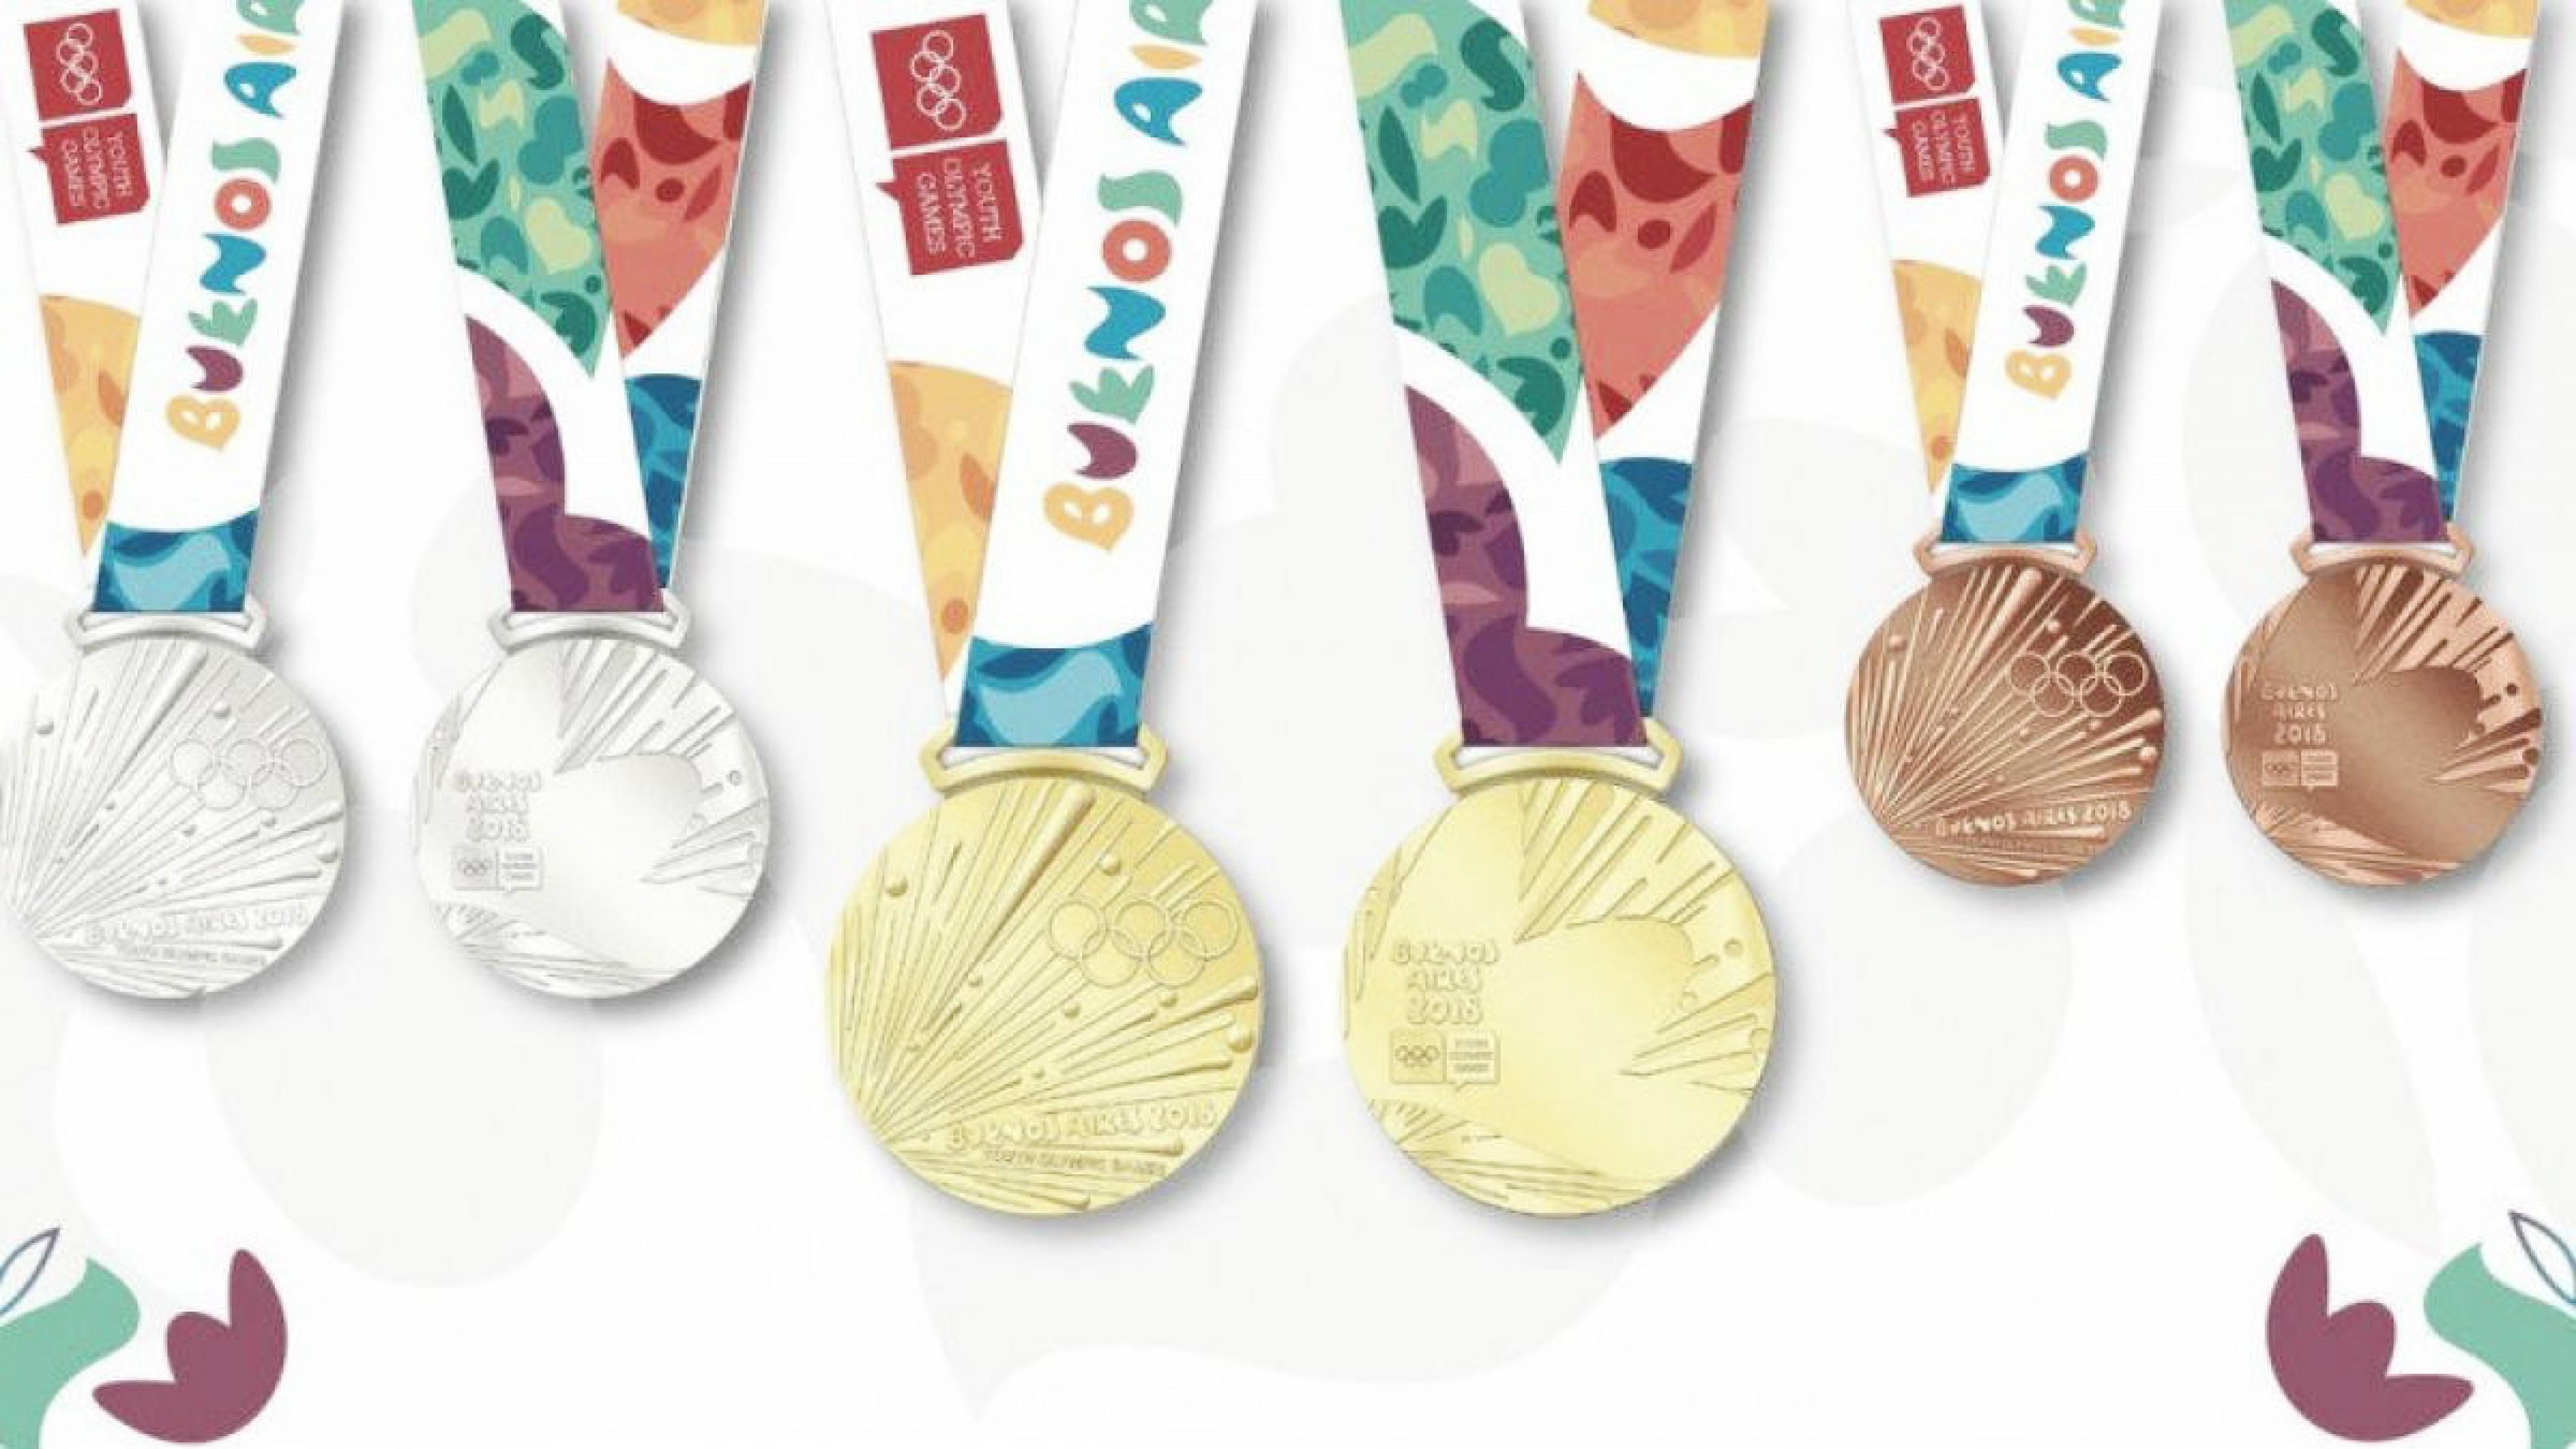 Juegos Olímpicos de la Juventud: Las medallas Argentinas hasta la fecha